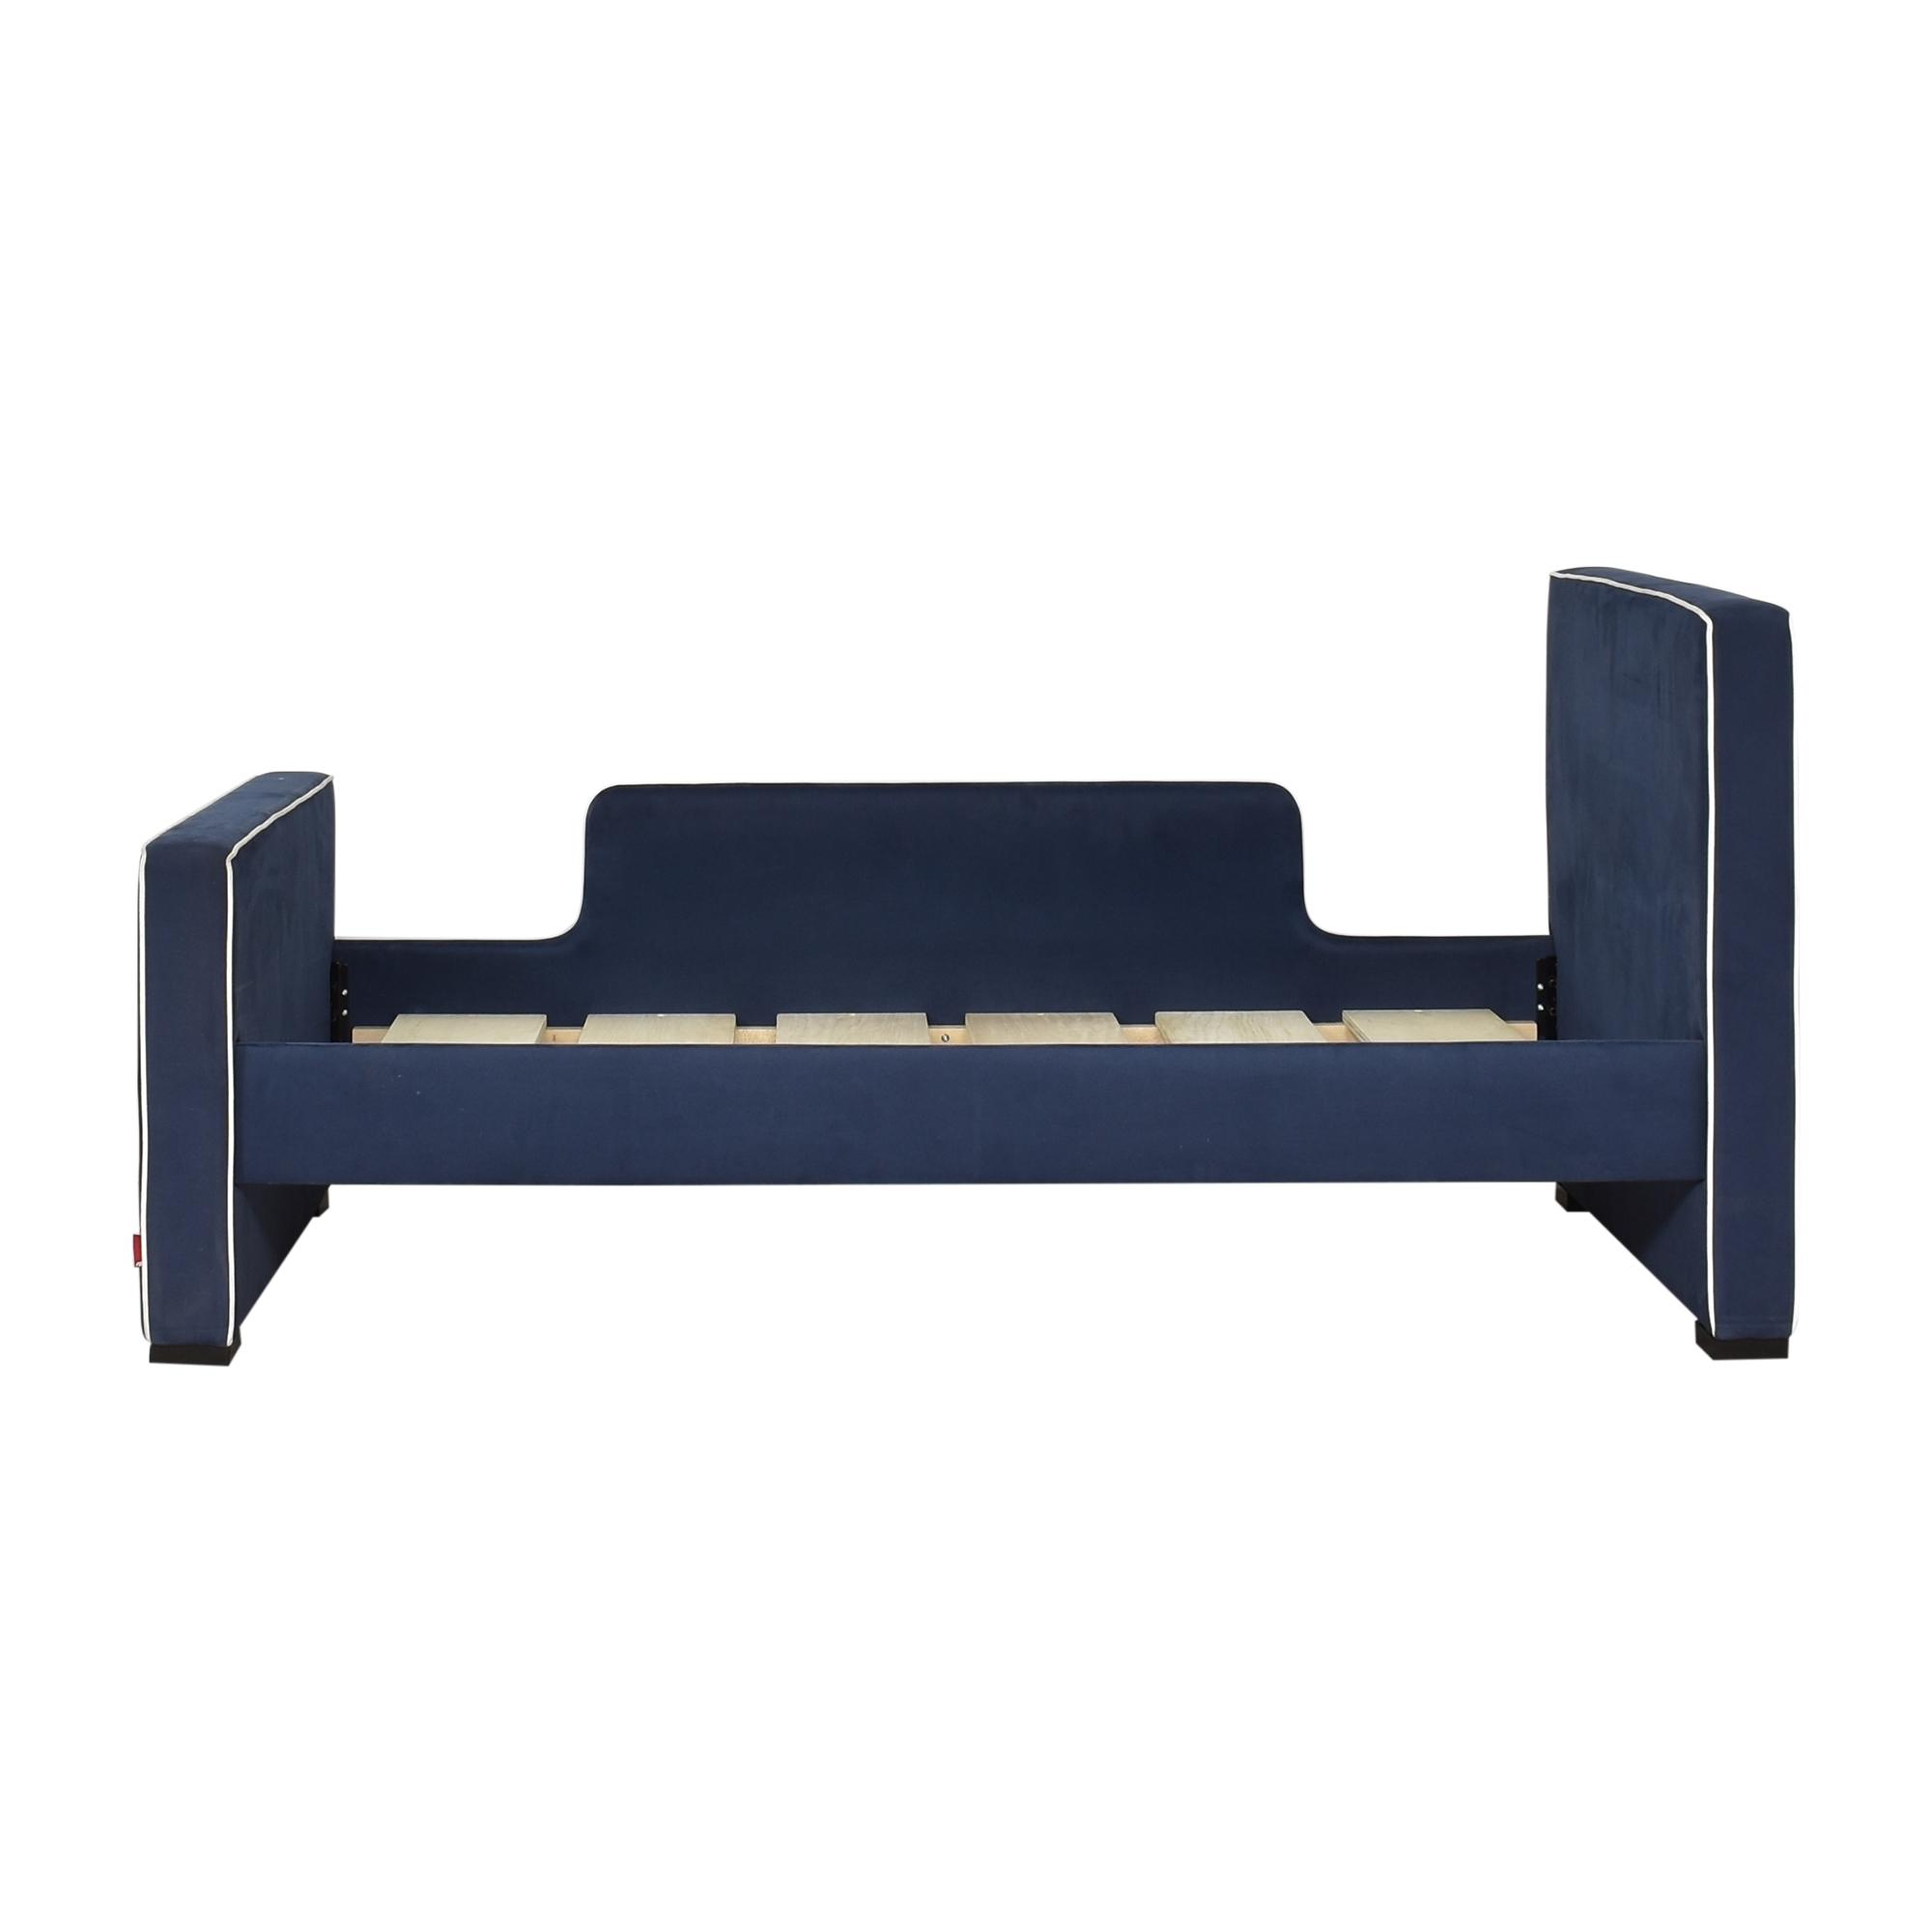 Monte Design Dorma Twin Bed / Beds